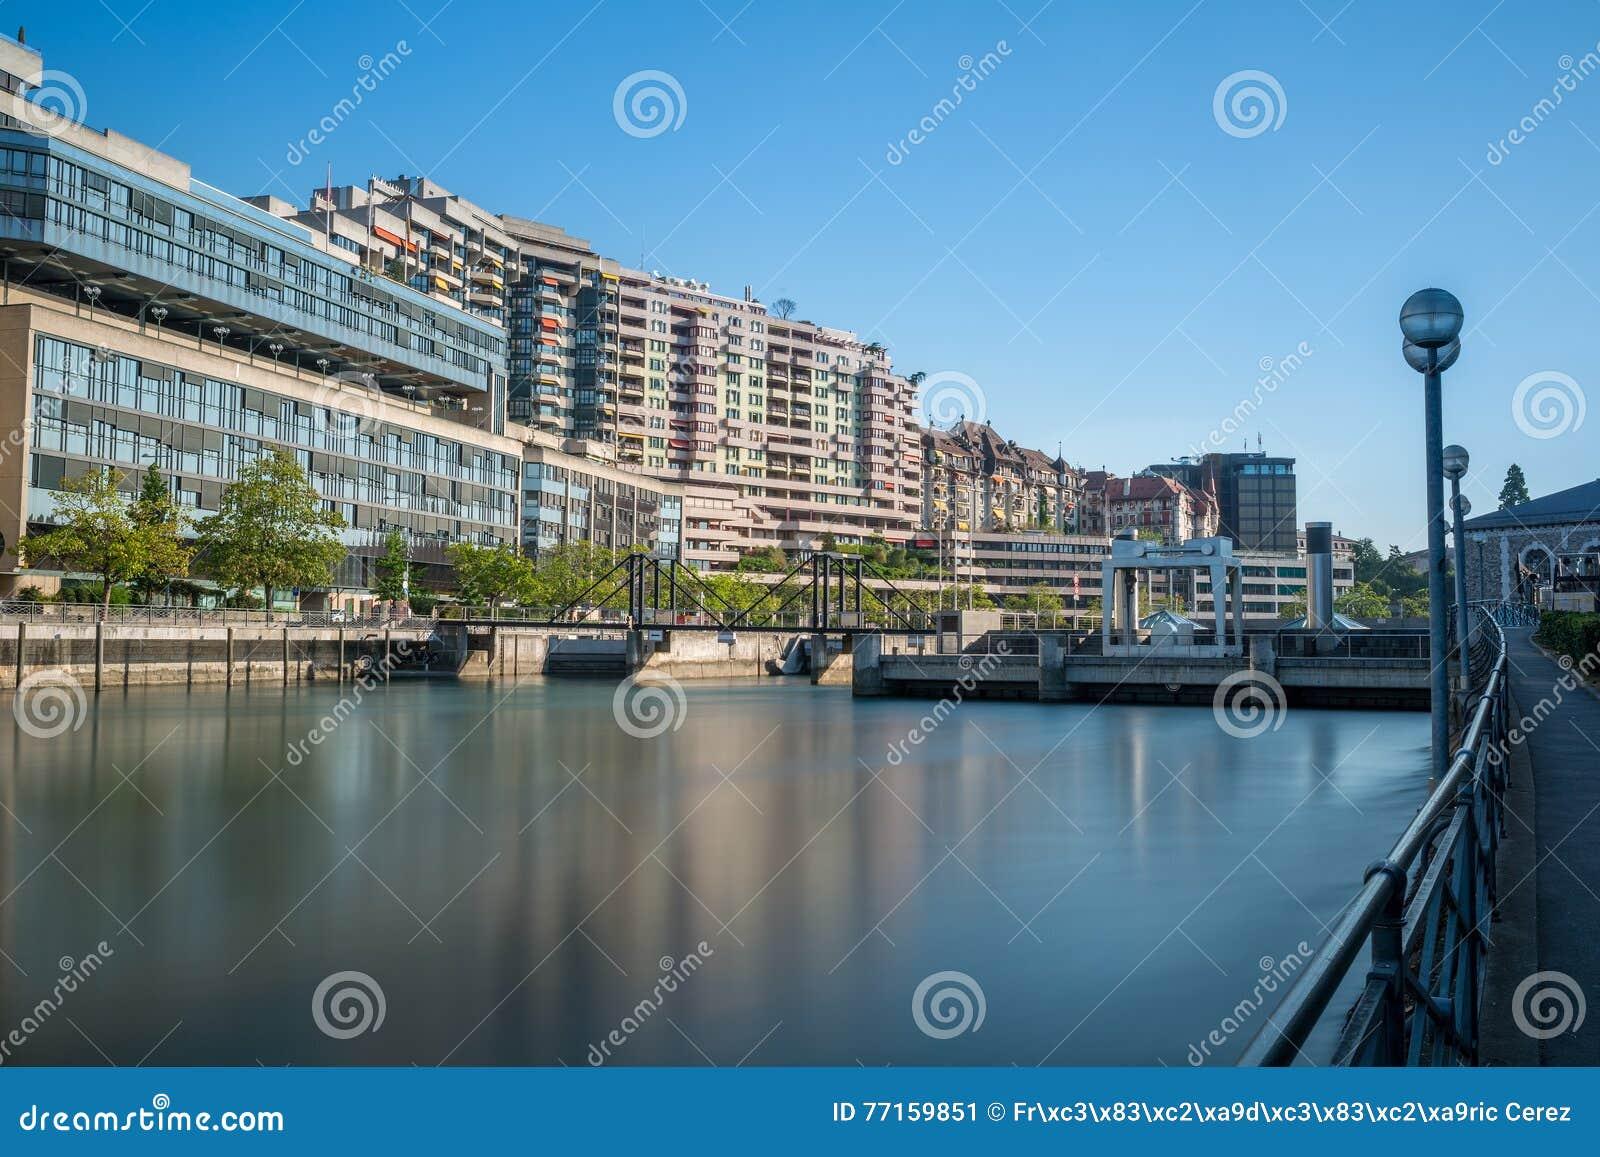 Exposition de barrage de Genève longue